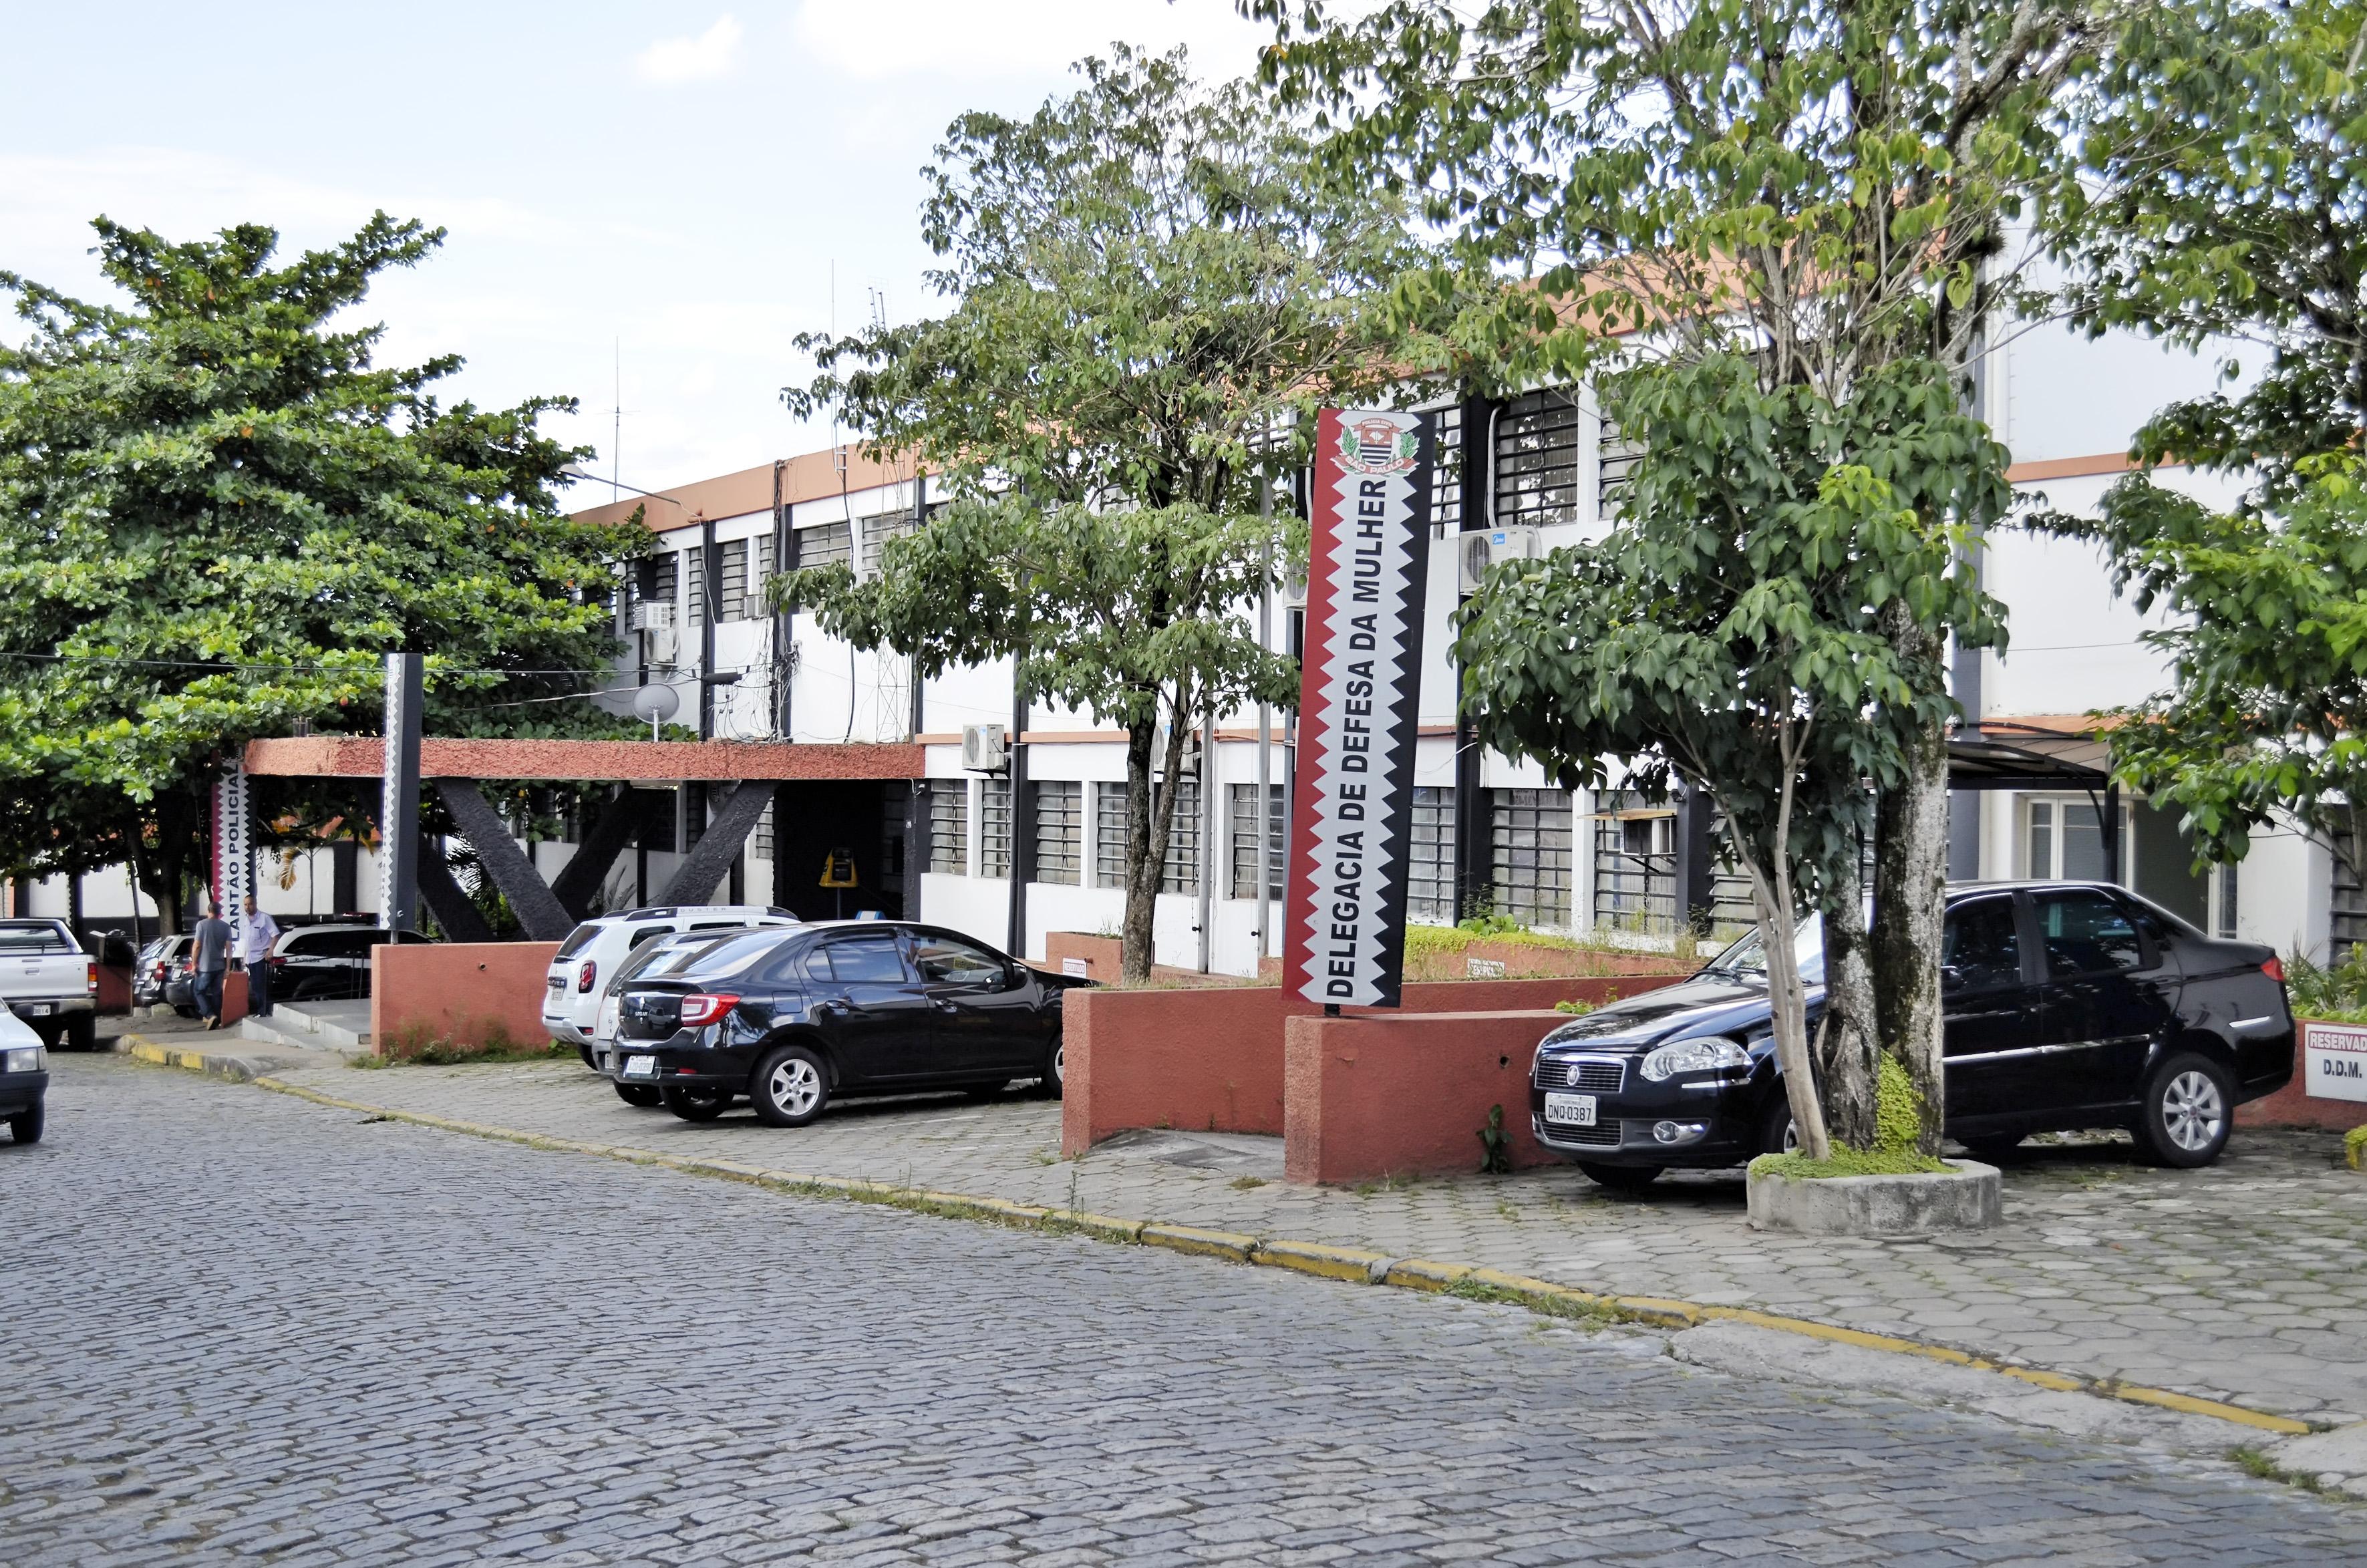 O prédio da Delegacia Geral de Guaratinguetá, paralisado e que pode ser sede do novo Pronto Socorro (Foto: Leandro Oliveira)